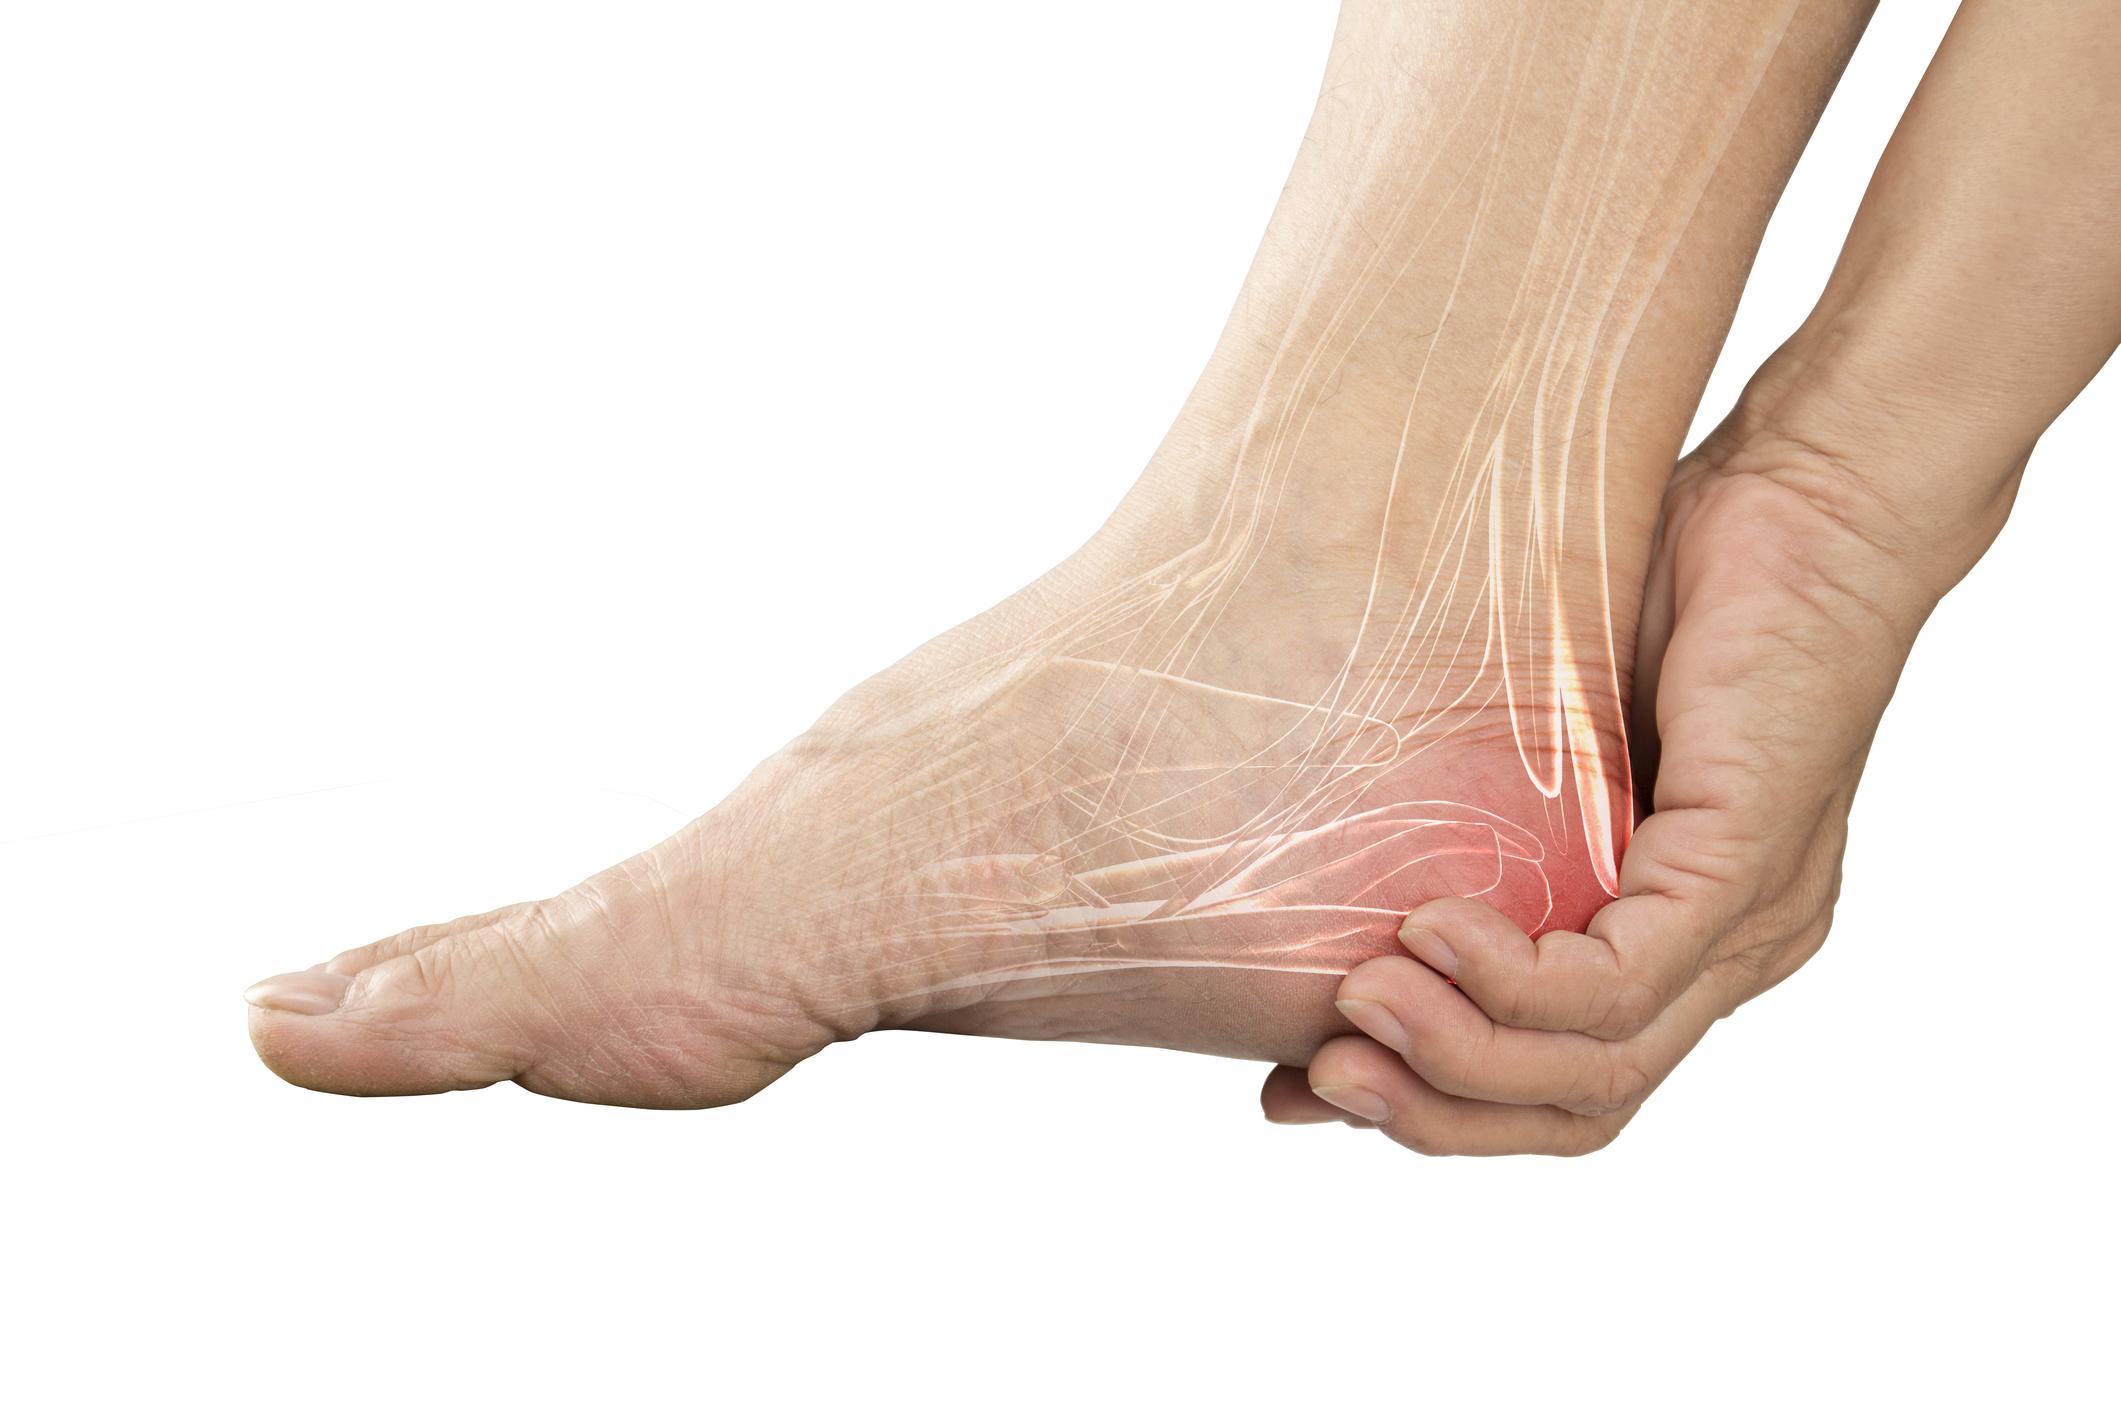 fájdalom hátsó lábak ízületeivel a váll és a vállízület sérüléseinek kezelése